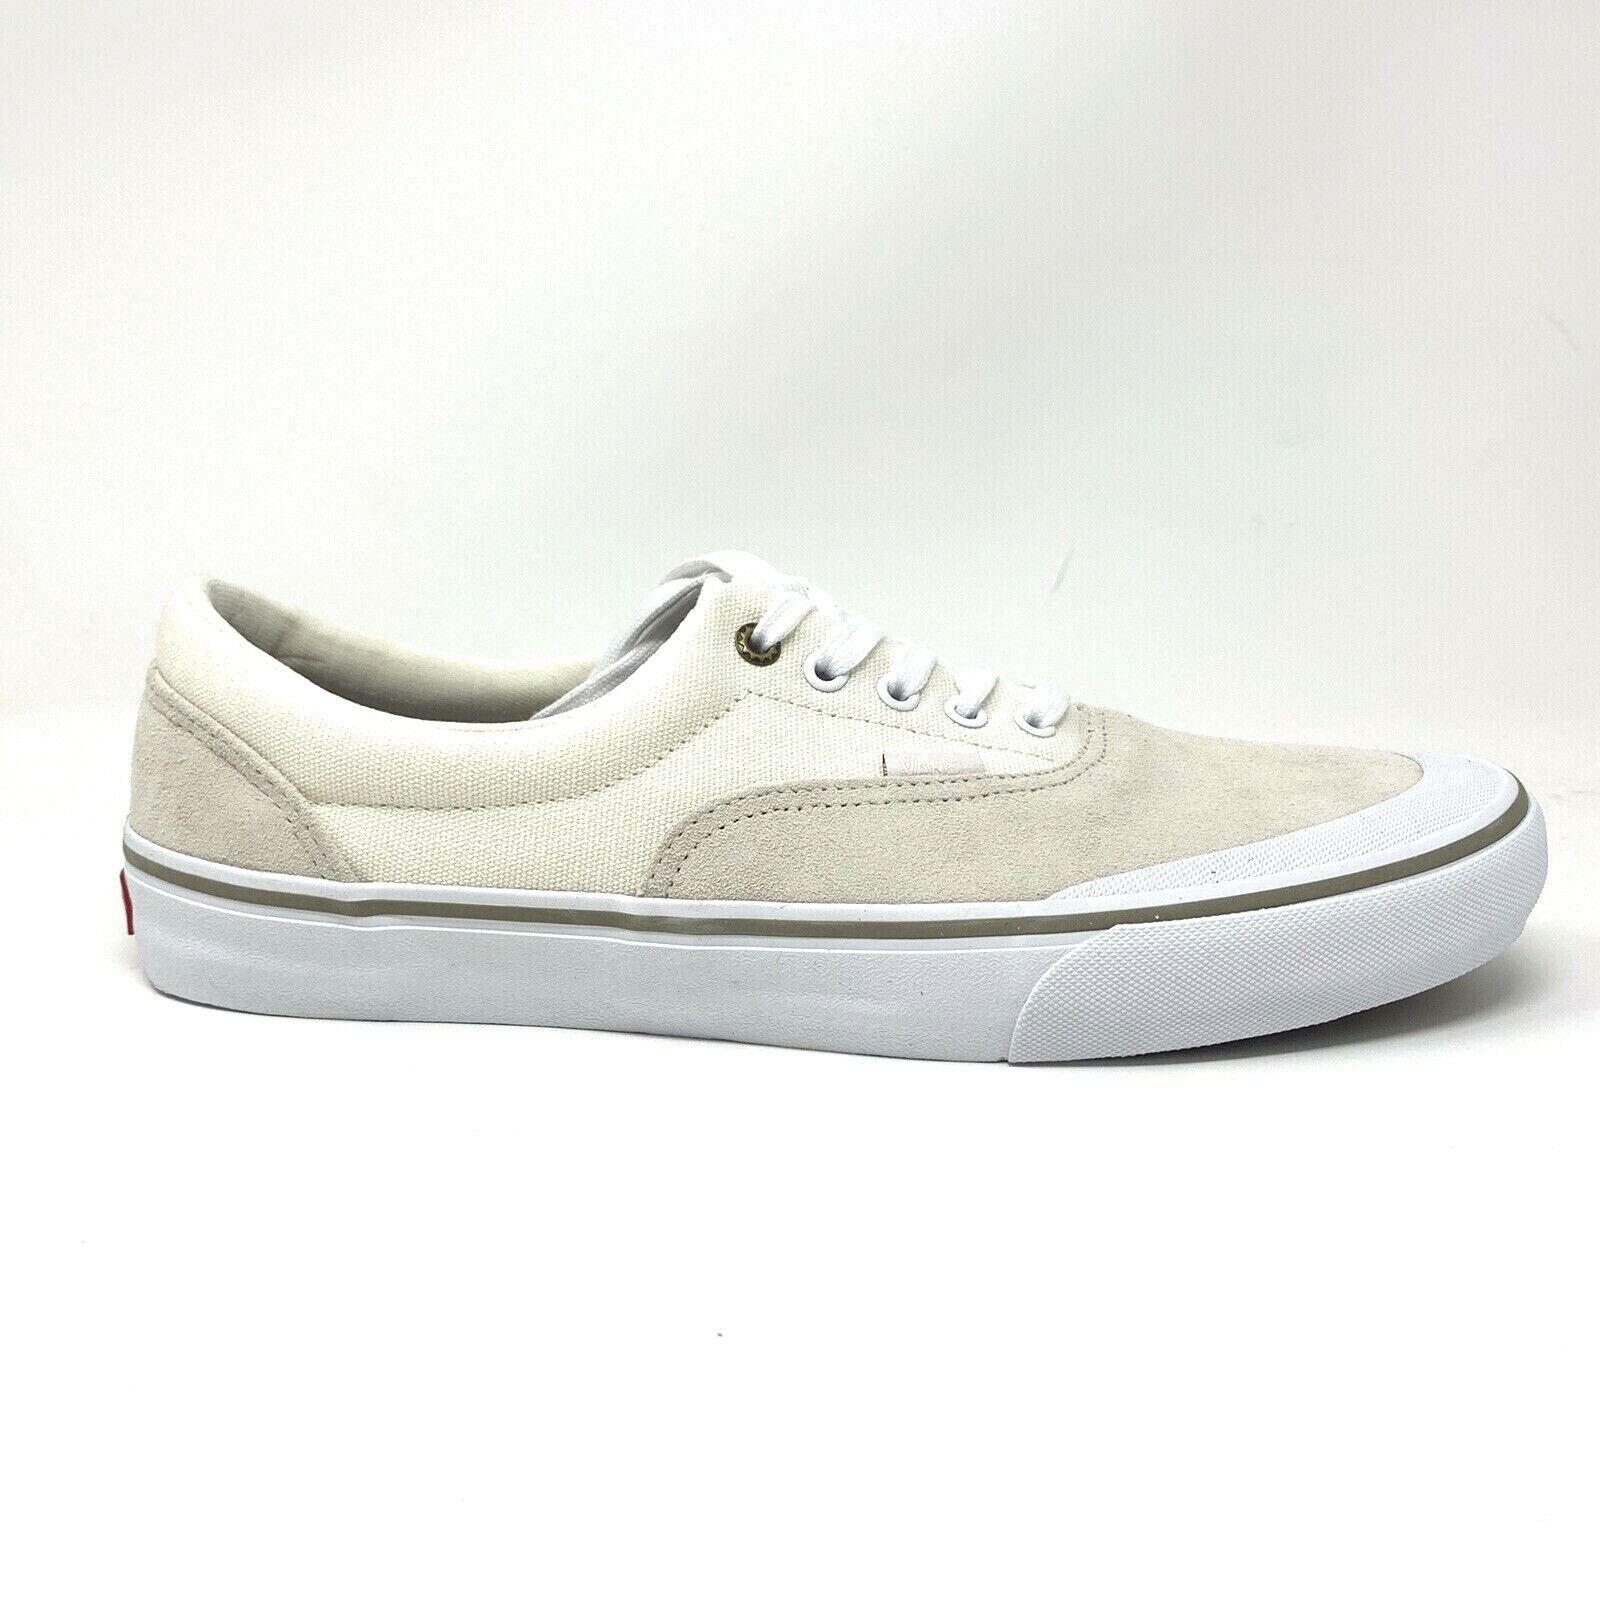 Men's Vans Era Pro Dakota Roche Marshmallow Skate Shoes #VN0